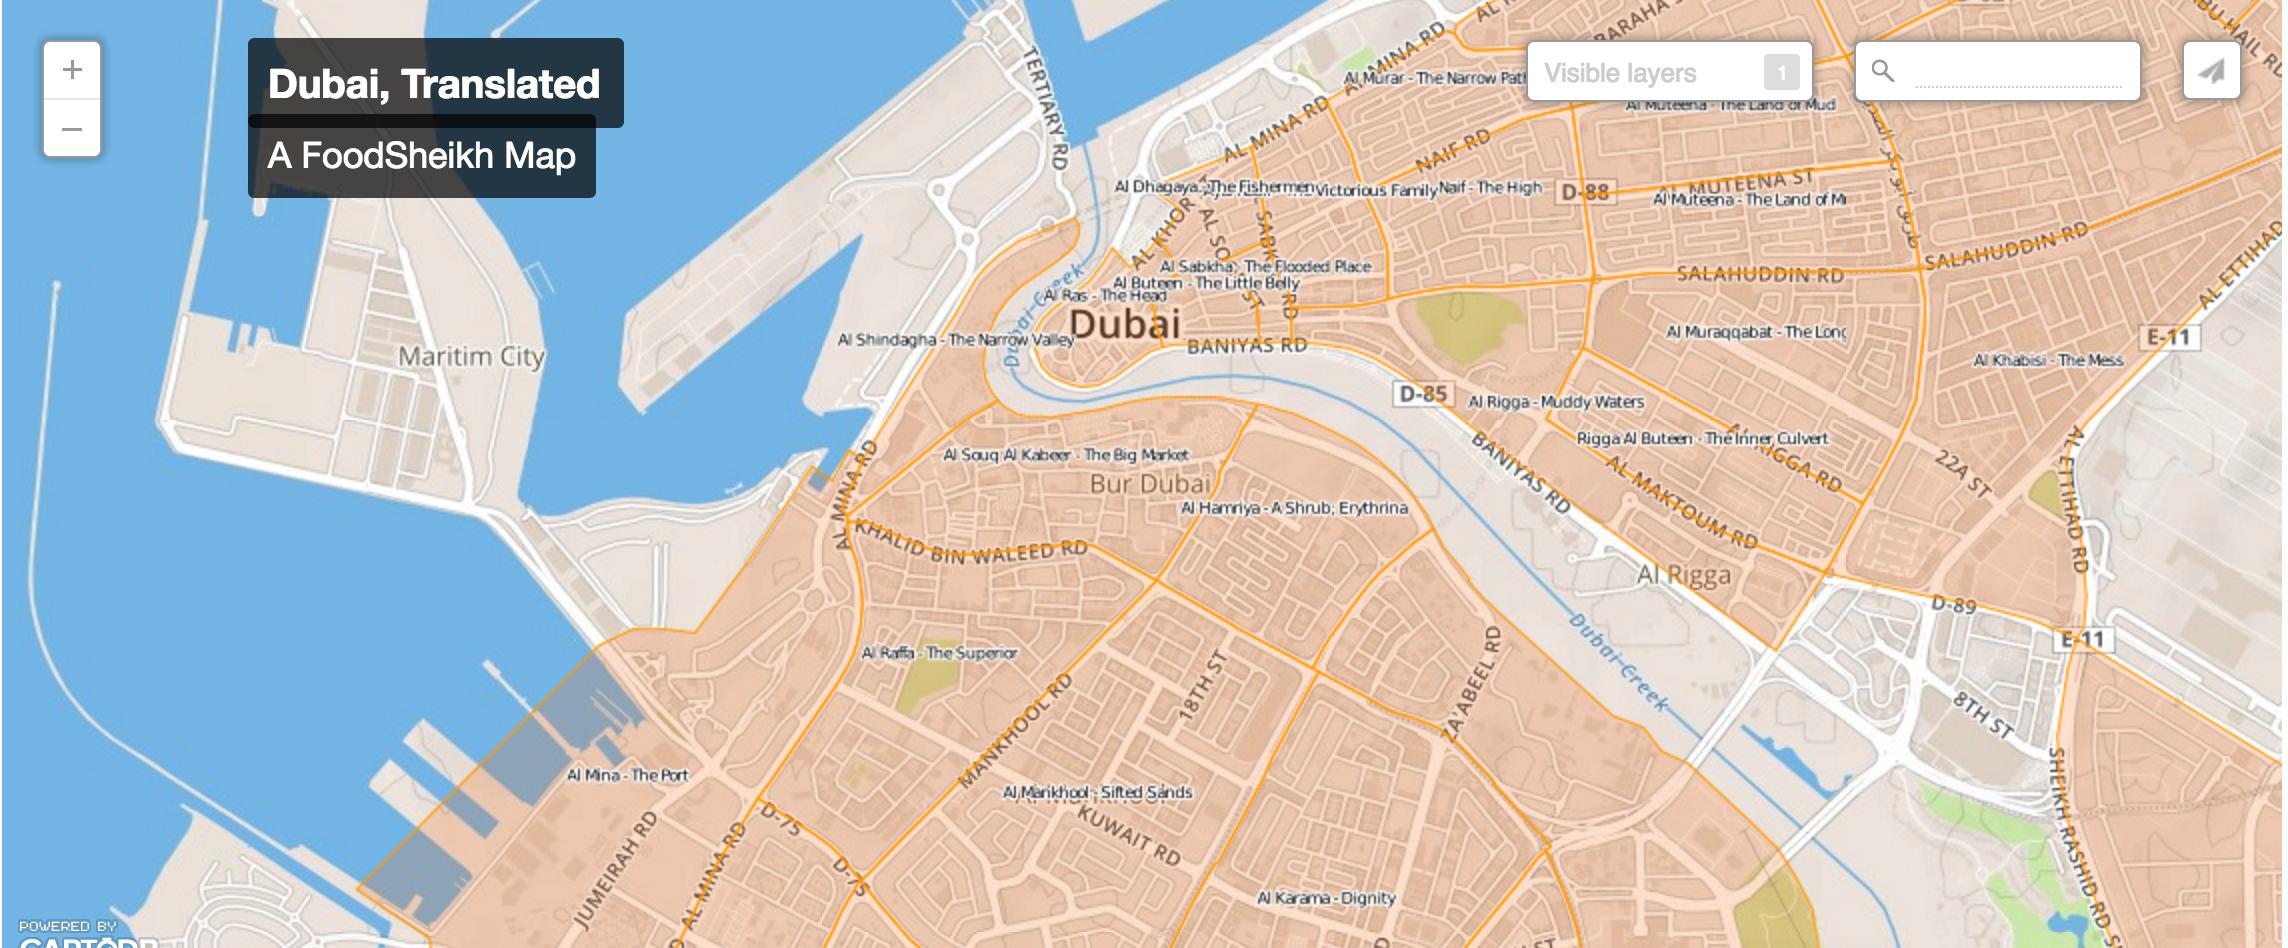 Dubai Translated